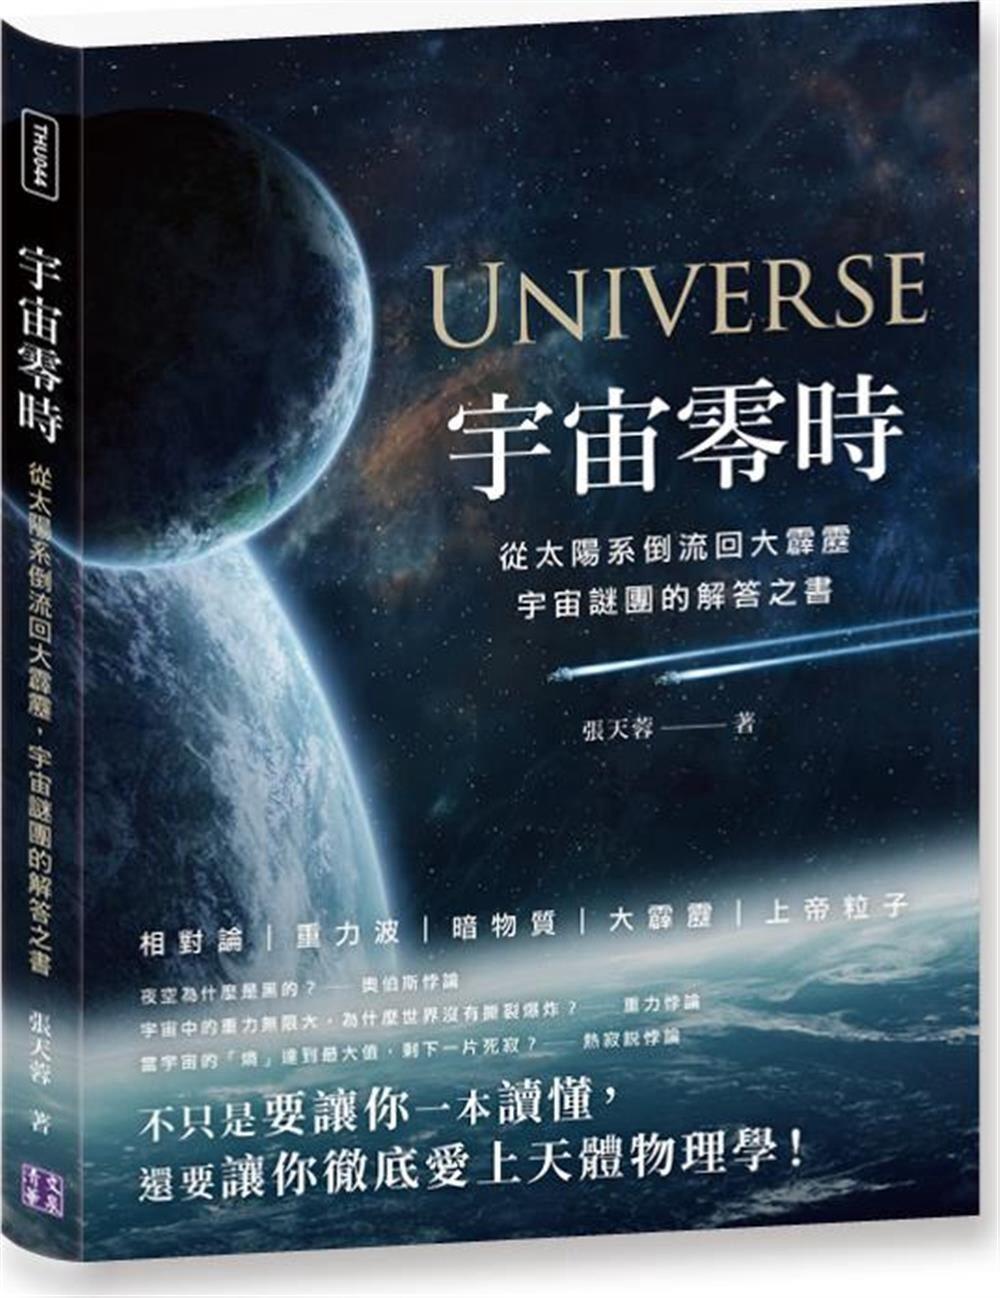 宇宙零時:從太陽系倒流回大霹靂,宇宙謎團的解答之書